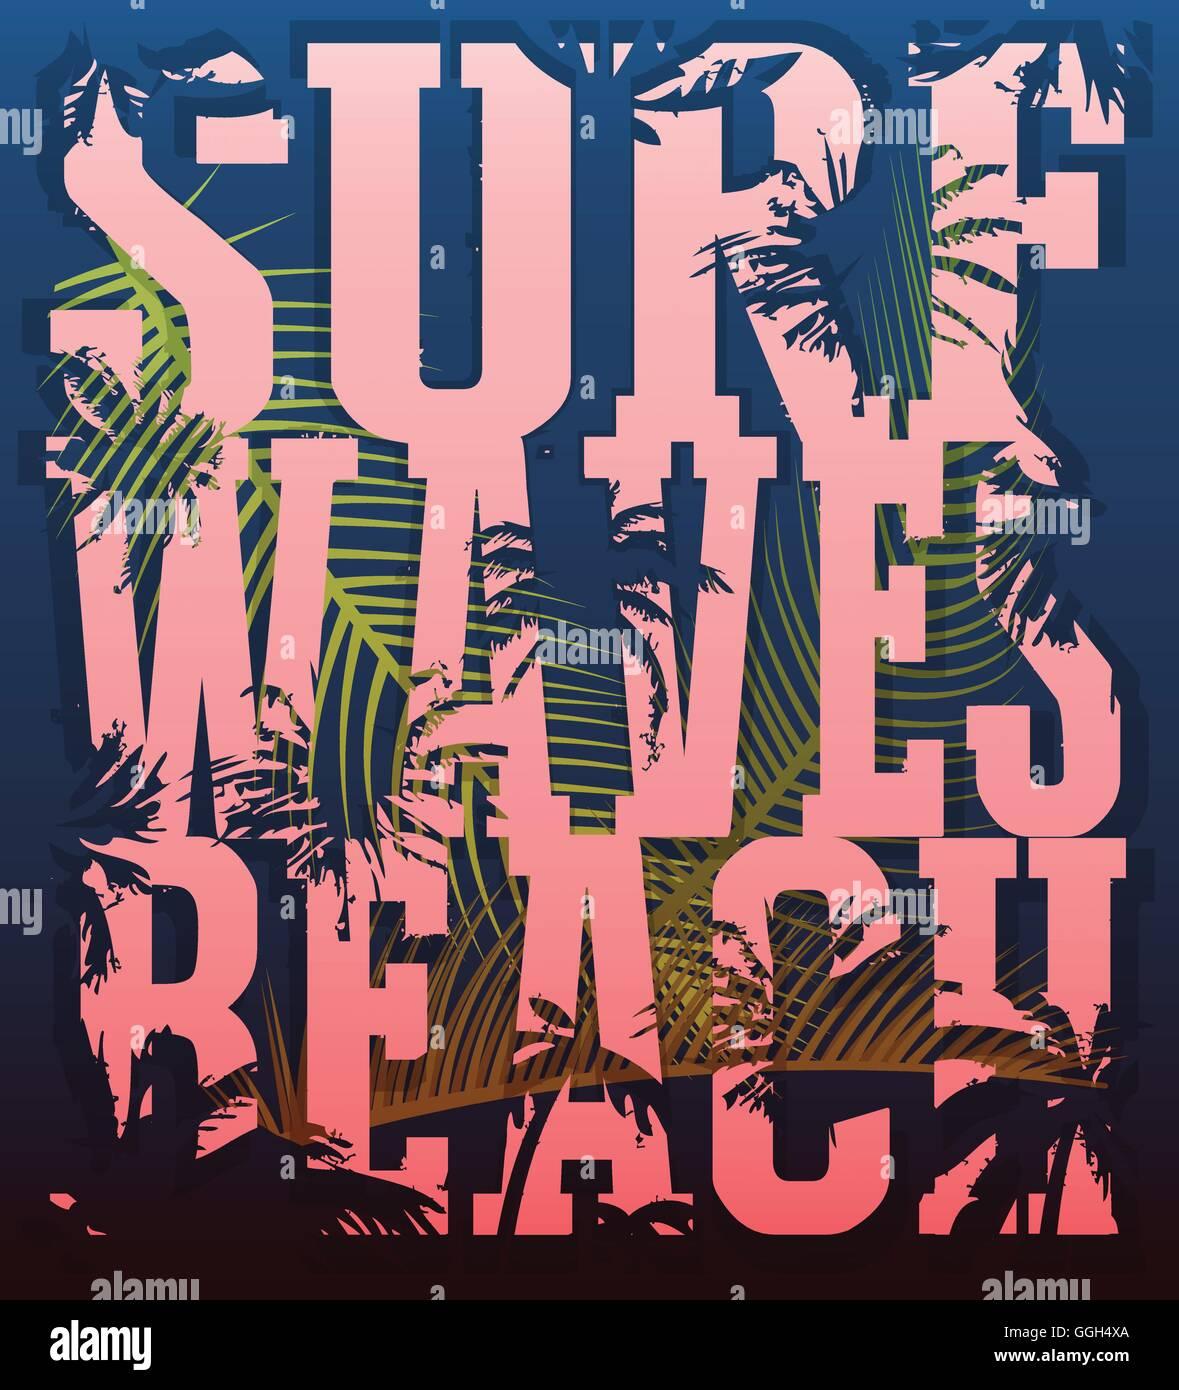 4bcfe0e65316b Ilustración vectorial sobre el tema del surf y el surf. Grunge  antecedentes. Tipografía